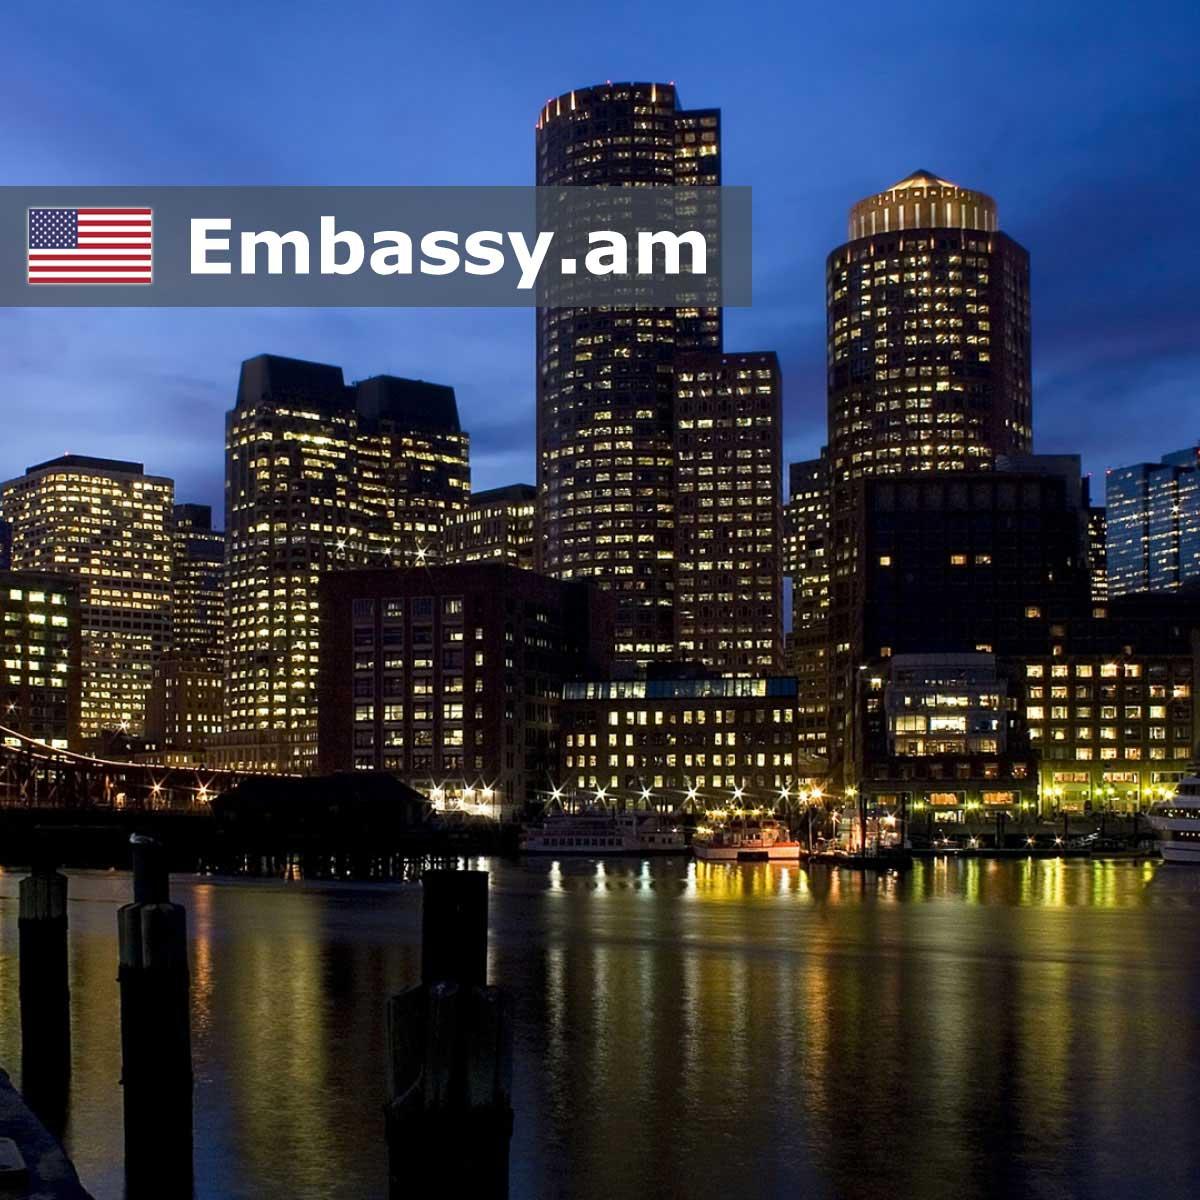 Лос-Анджелес - Отели в США - Embassy.am